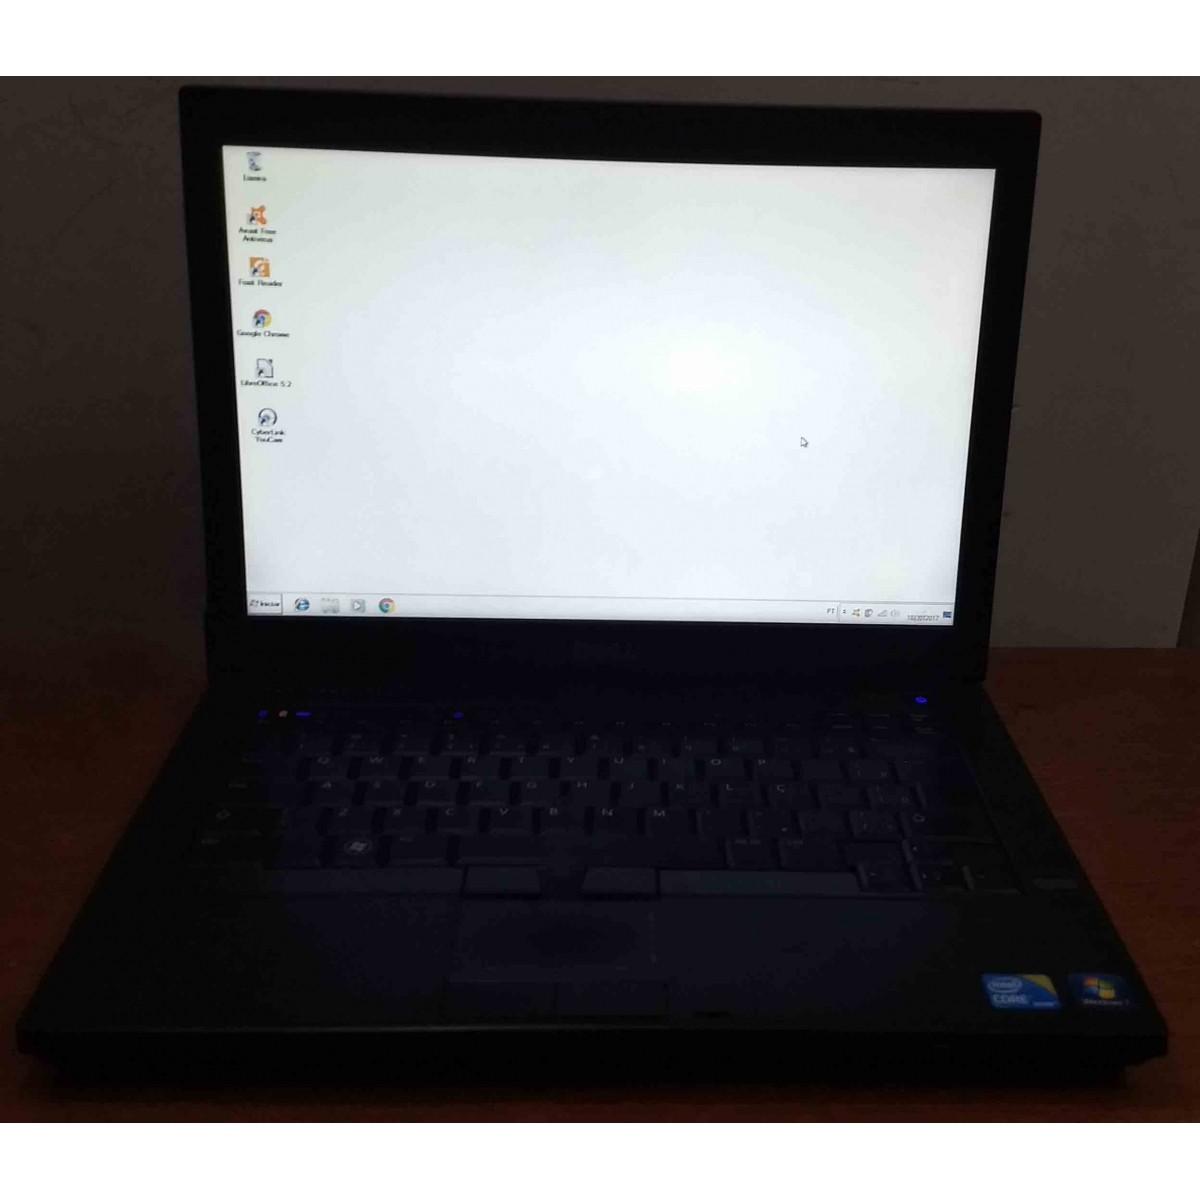 Notebook Dell Latitude E6410 14.1'' Intel Core i5 2.67GHz 4GB HD-250GB